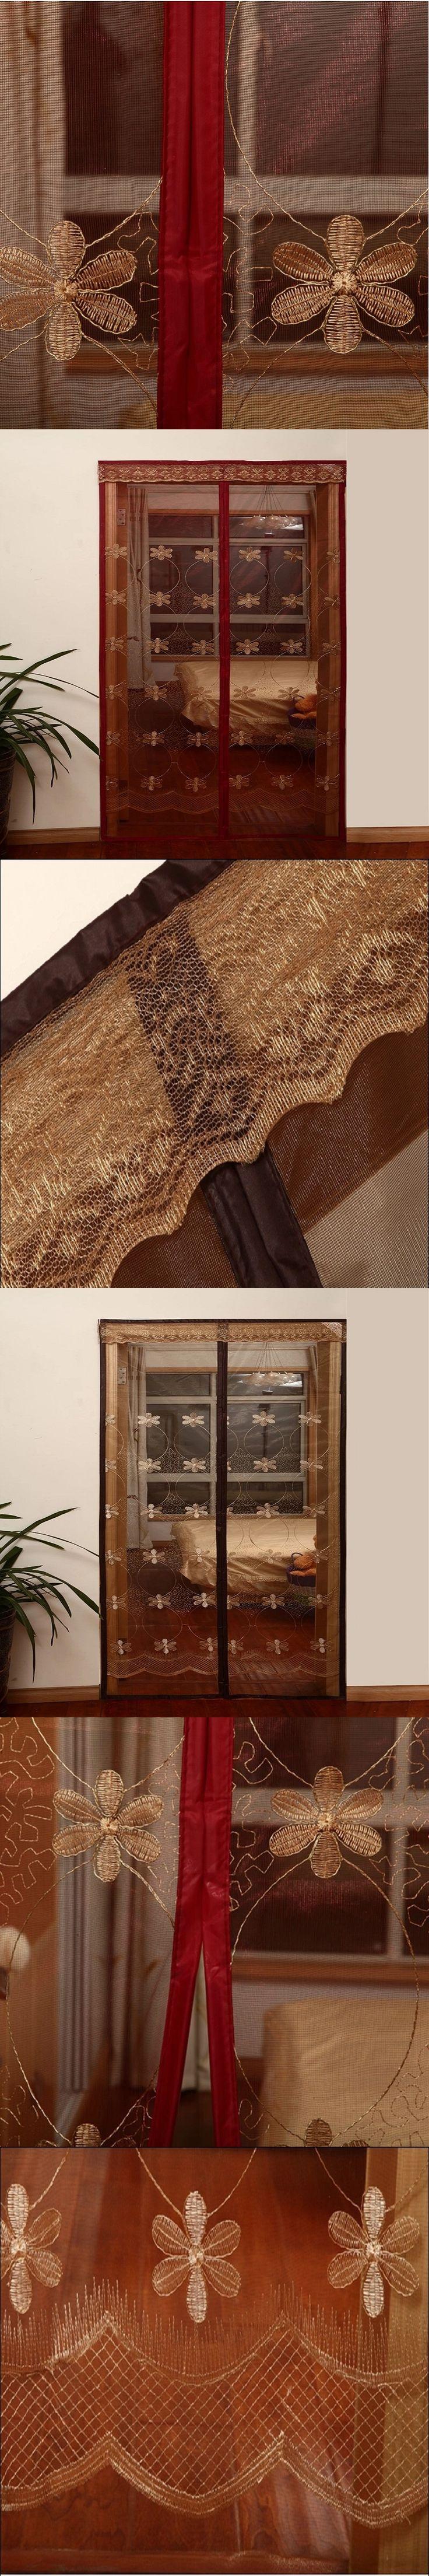 Summer Mosquitoe Soft Screen Door Magnetic Insect Door Curtain Divider Net Fly Screen Bug Anti Mosquito Mesh Portiere On Door